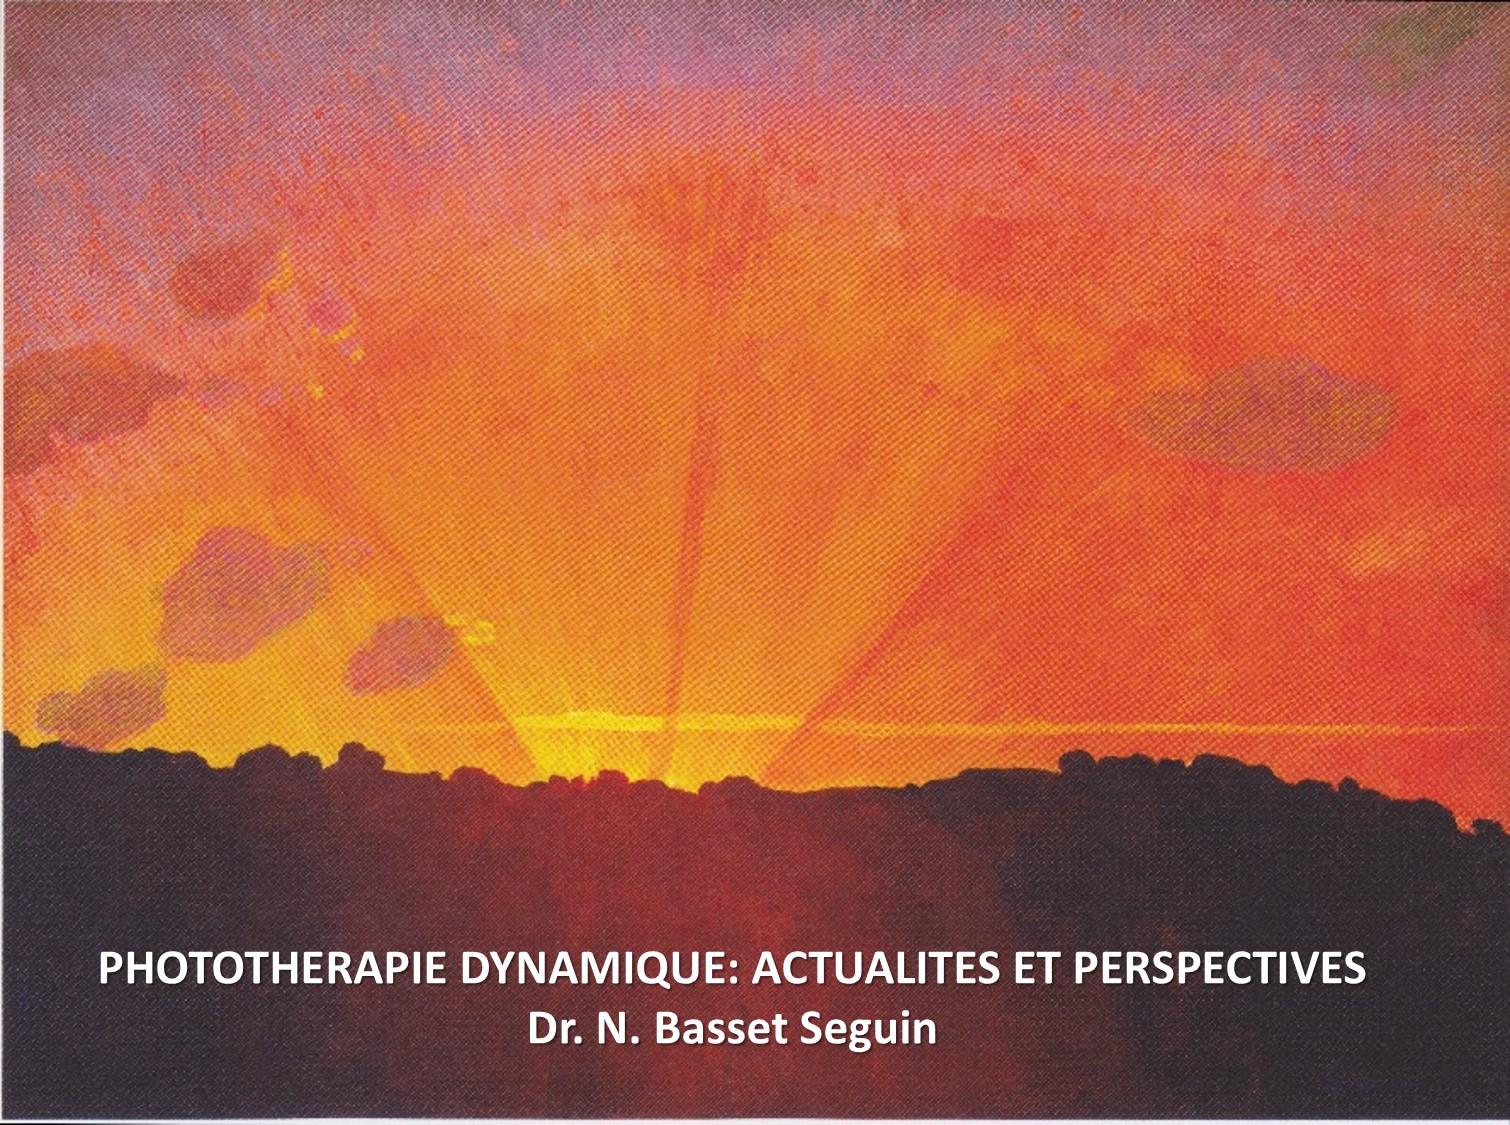 PHOTOTHERAPIE DYNAMIQUE: ACTUALITES ET PERSPECTIVES . Dr. N. Basset Seguin